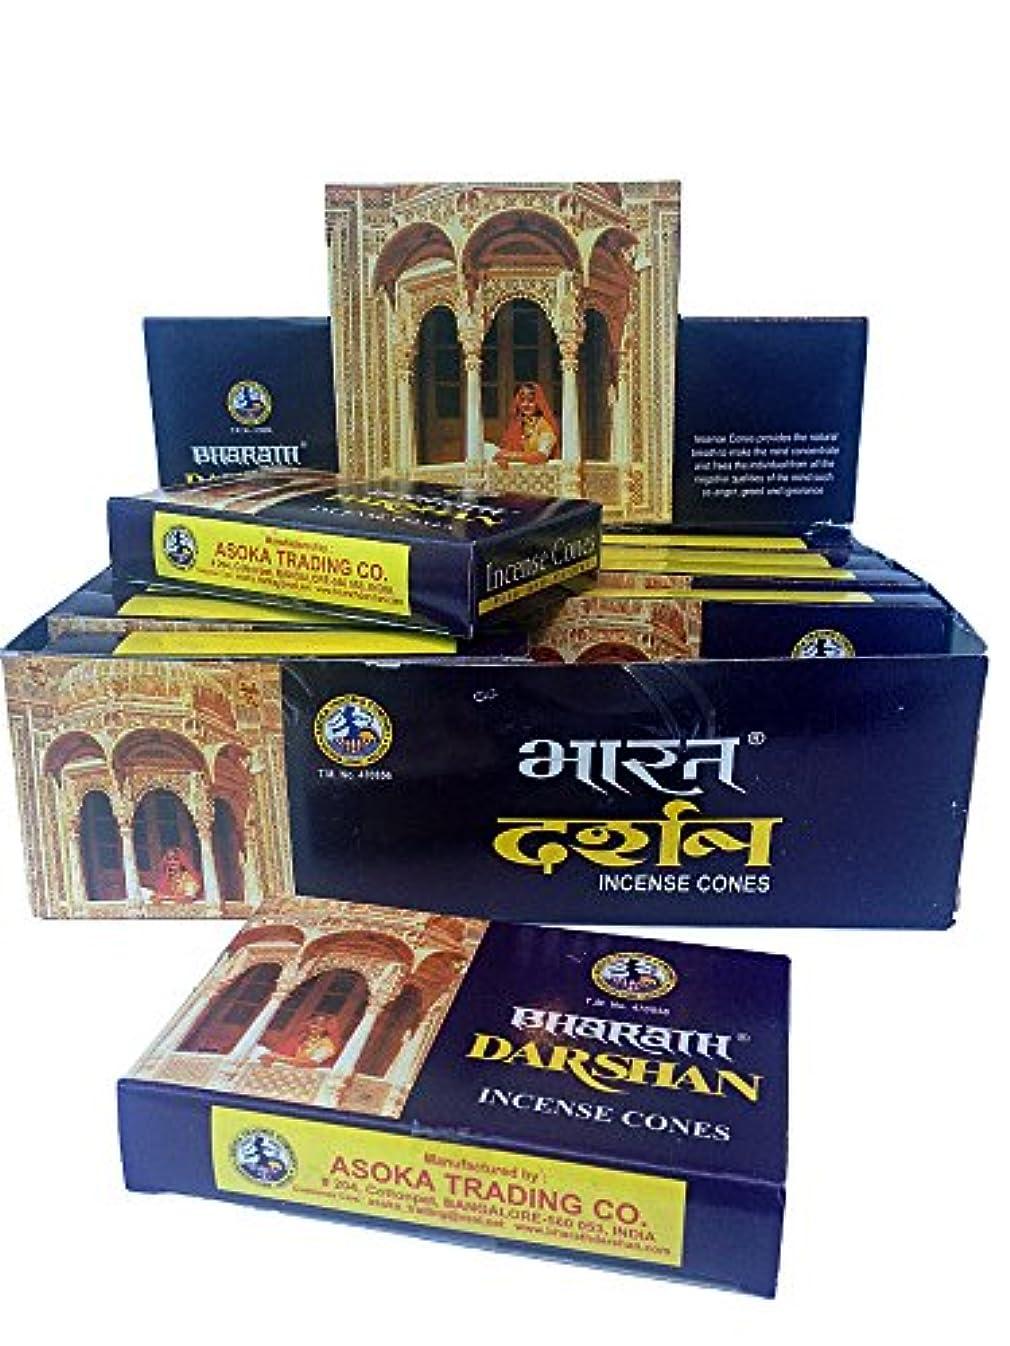 ワイン富豪崇拝しますBharath Darshan Cone Incense – 12ケースボックス、10コーン各